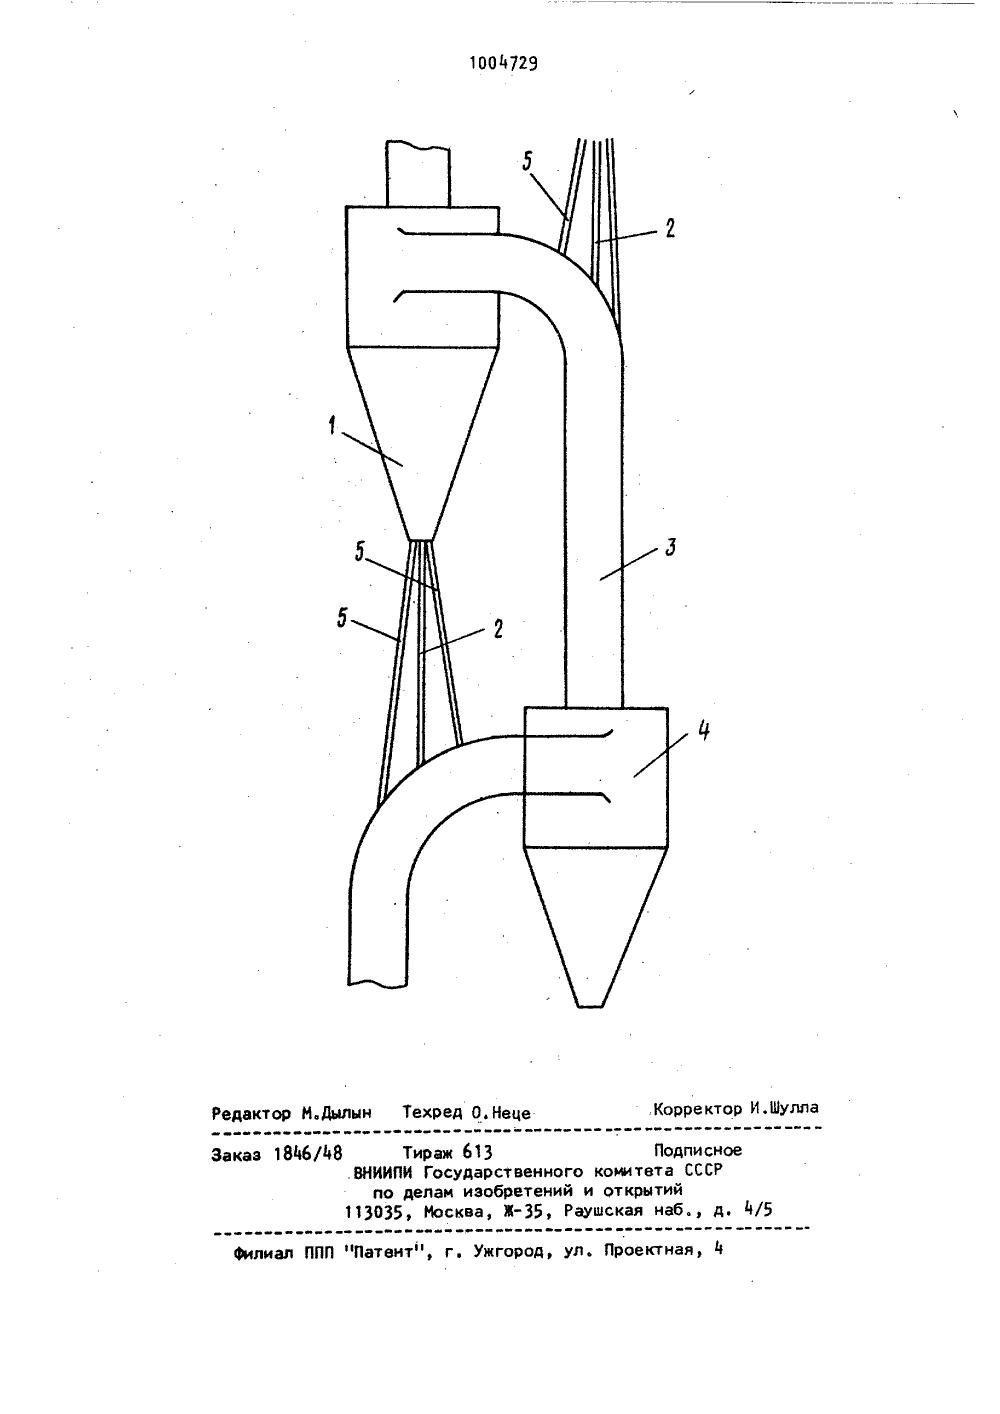 Циклонный теплообменник это Пластины теплообменника Sondex SF229 Набережные Челны